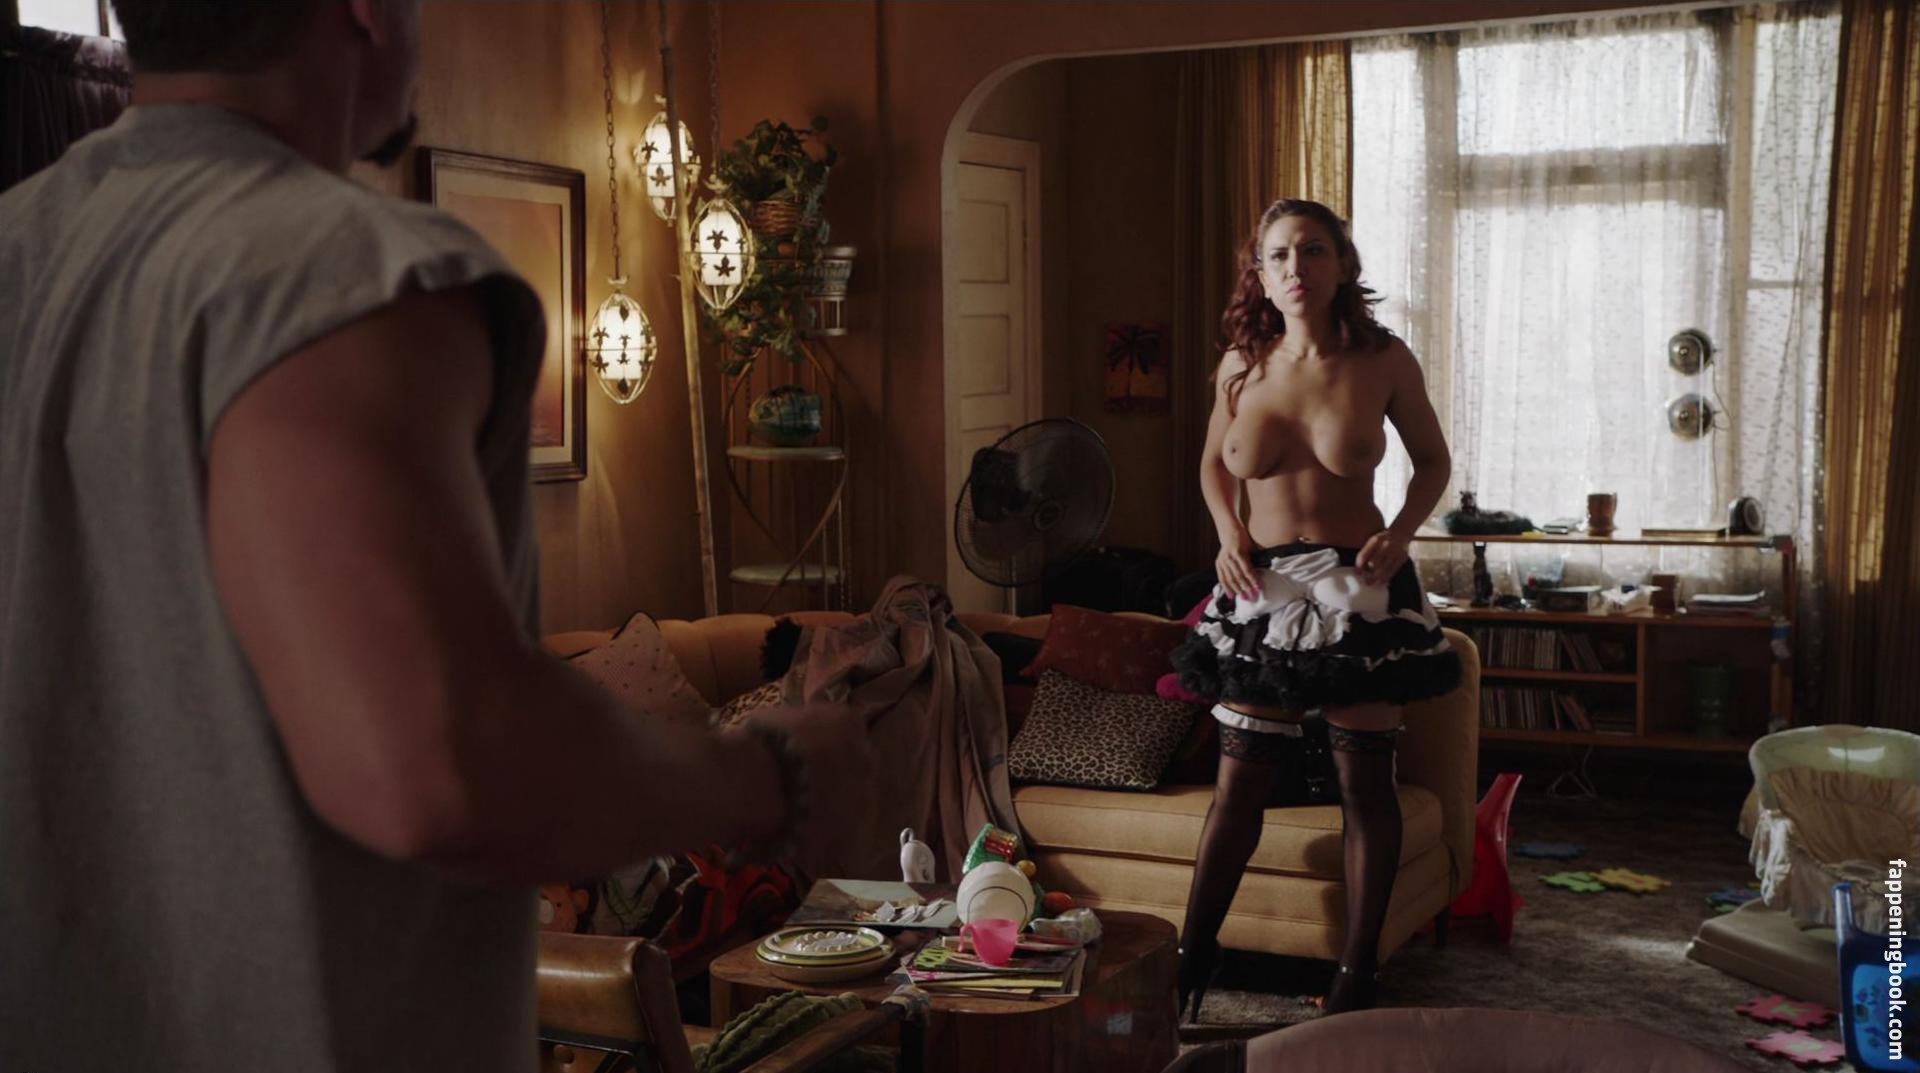 Alyssa LeBlanc Nude